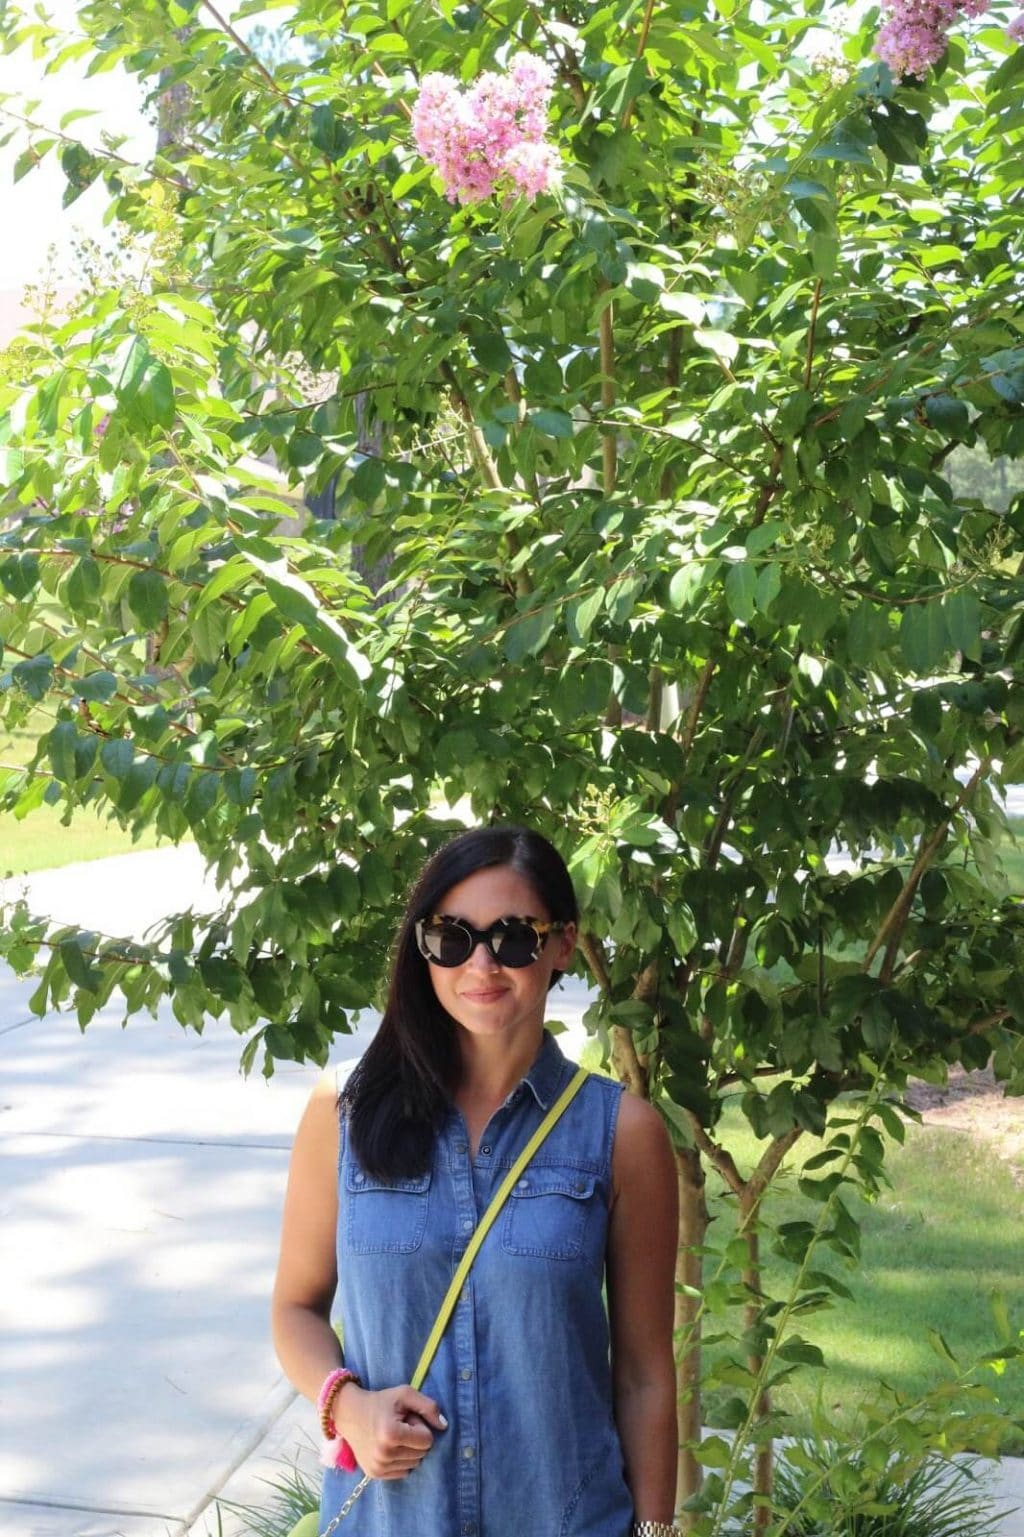 J Jill Style, denim dress, neon, tassels, karen walker flowerpatch